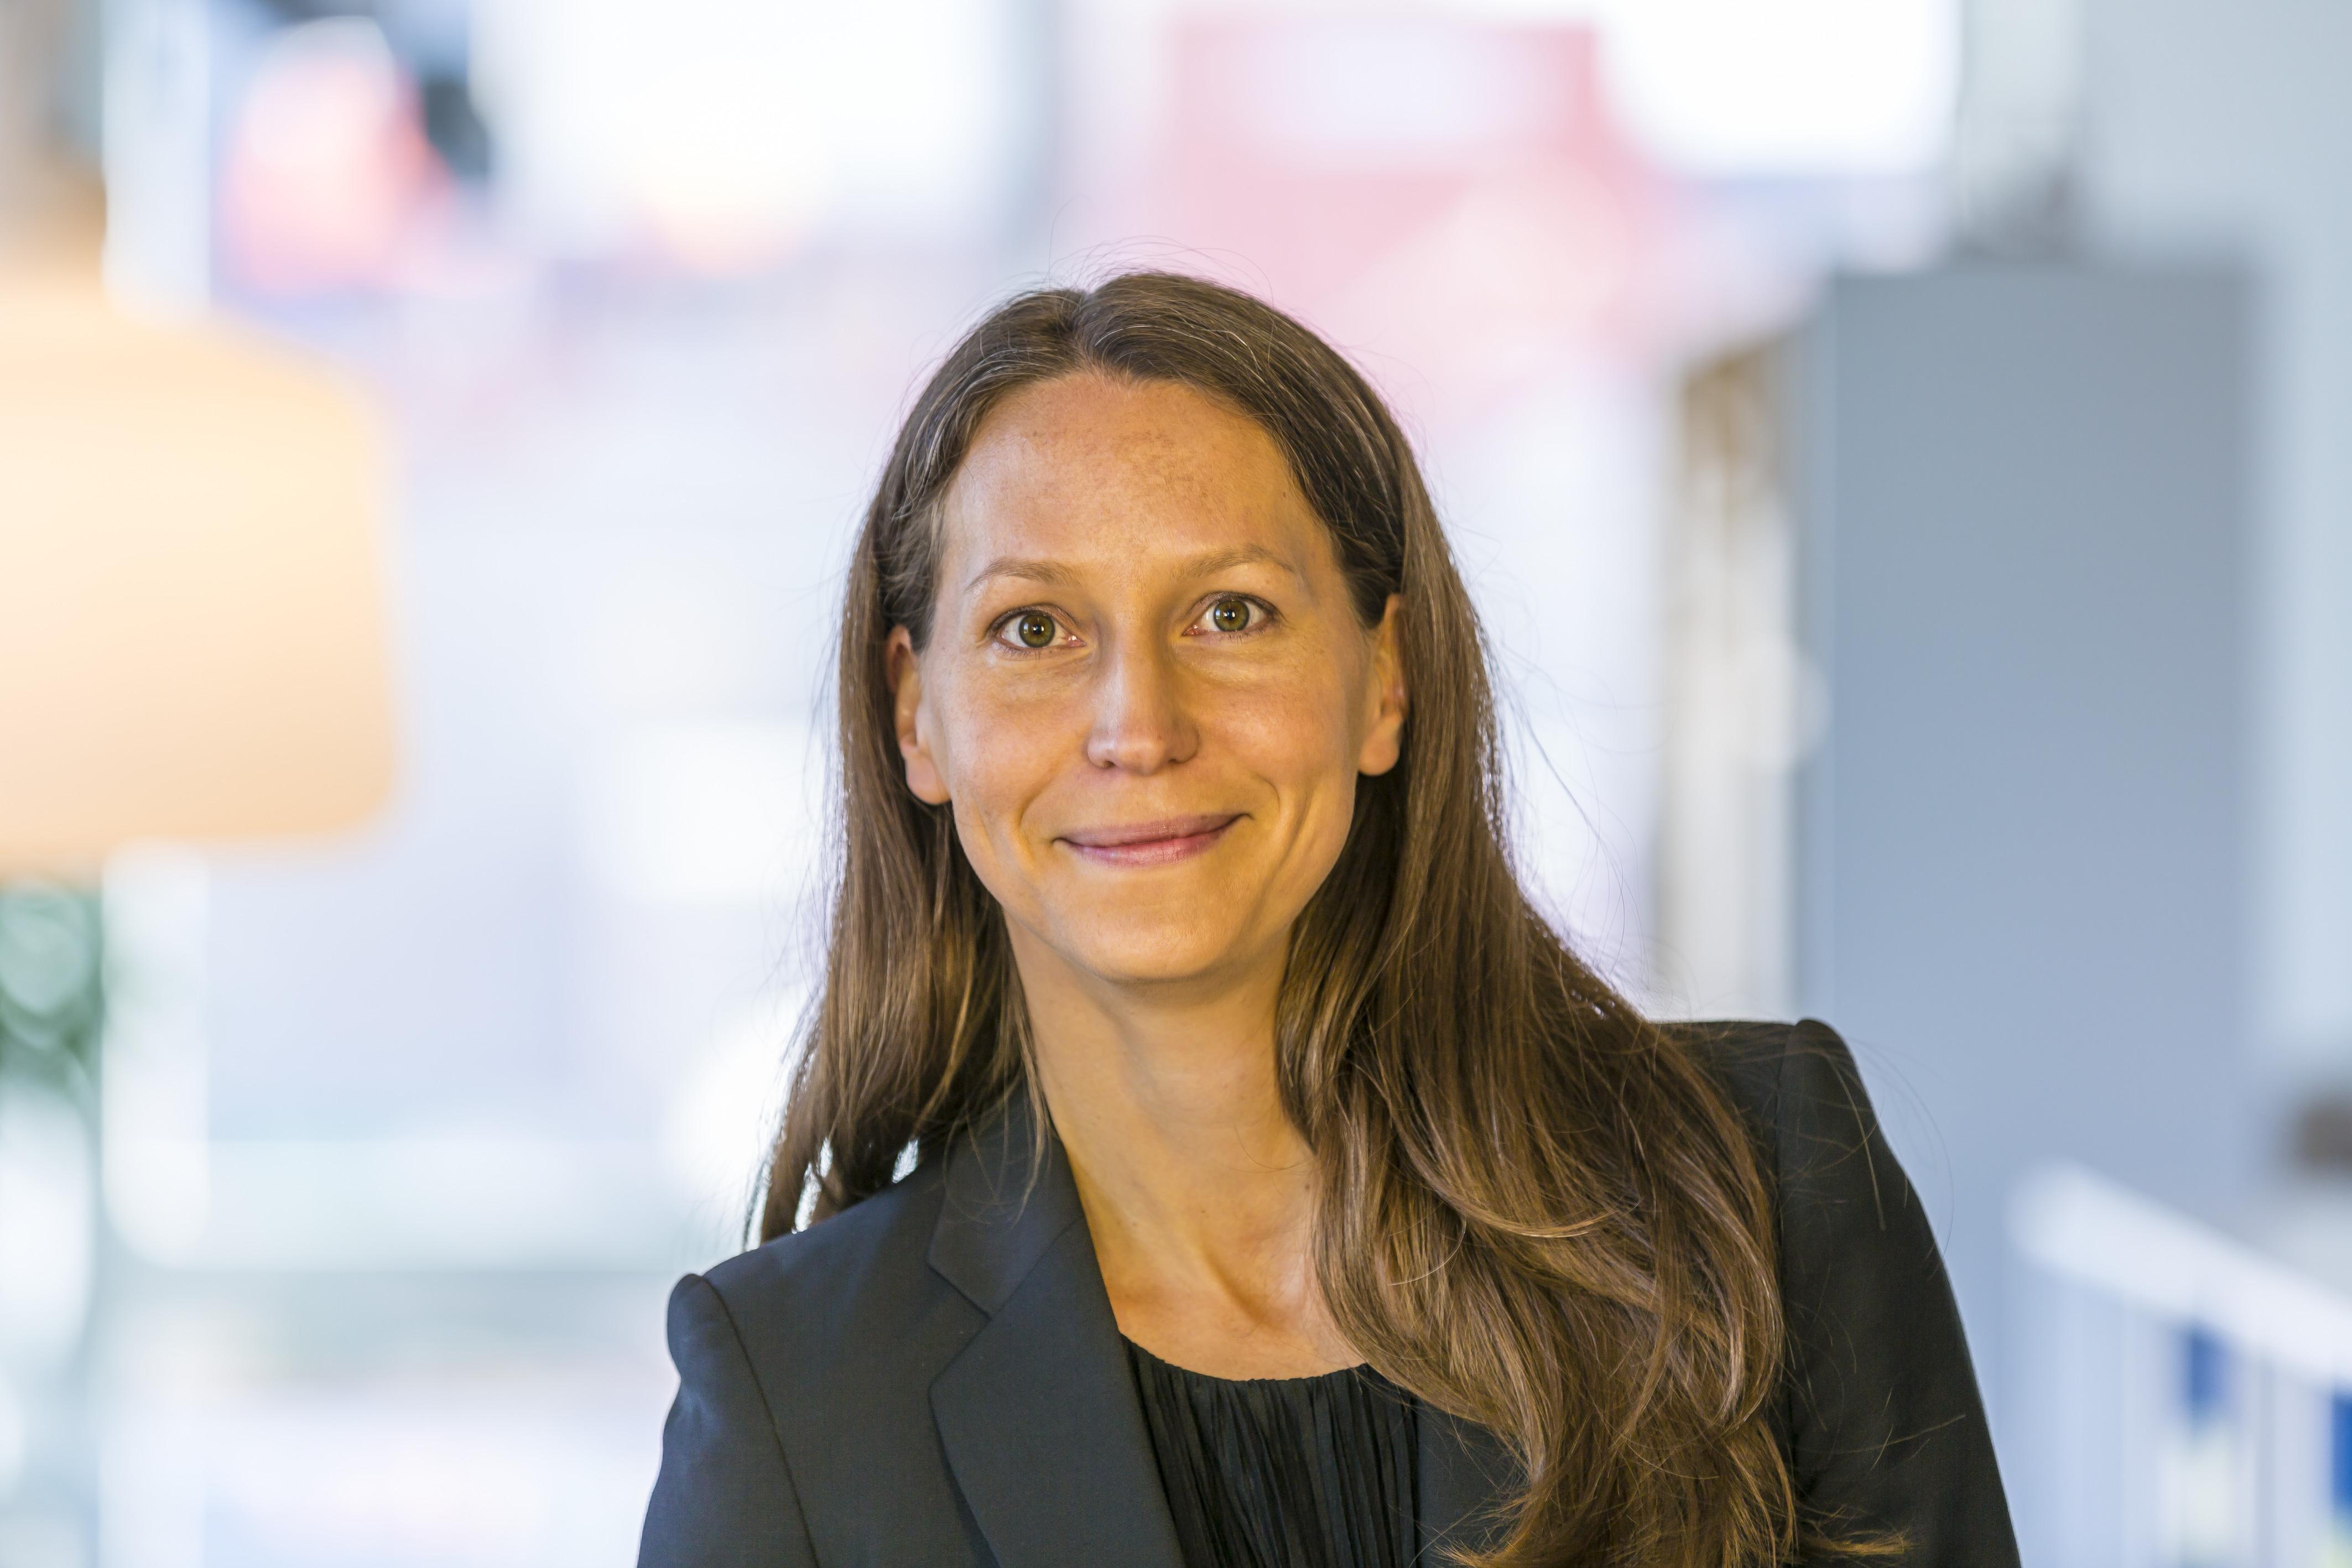 Susanna Hurtig